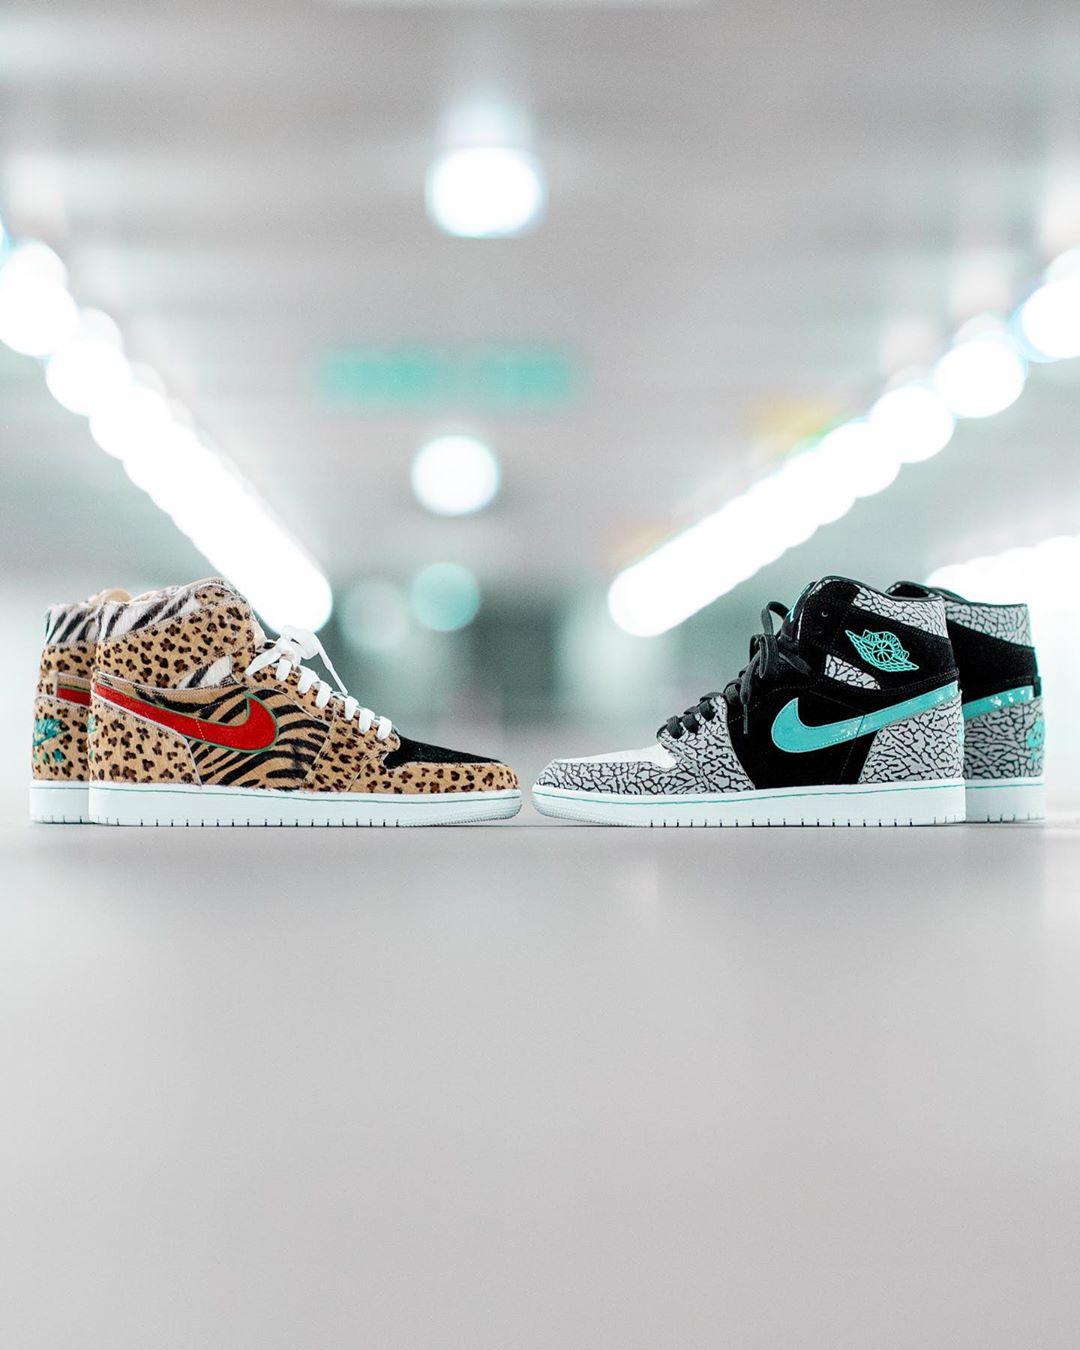 VIJZ bespokes Sneakerjagers podcast